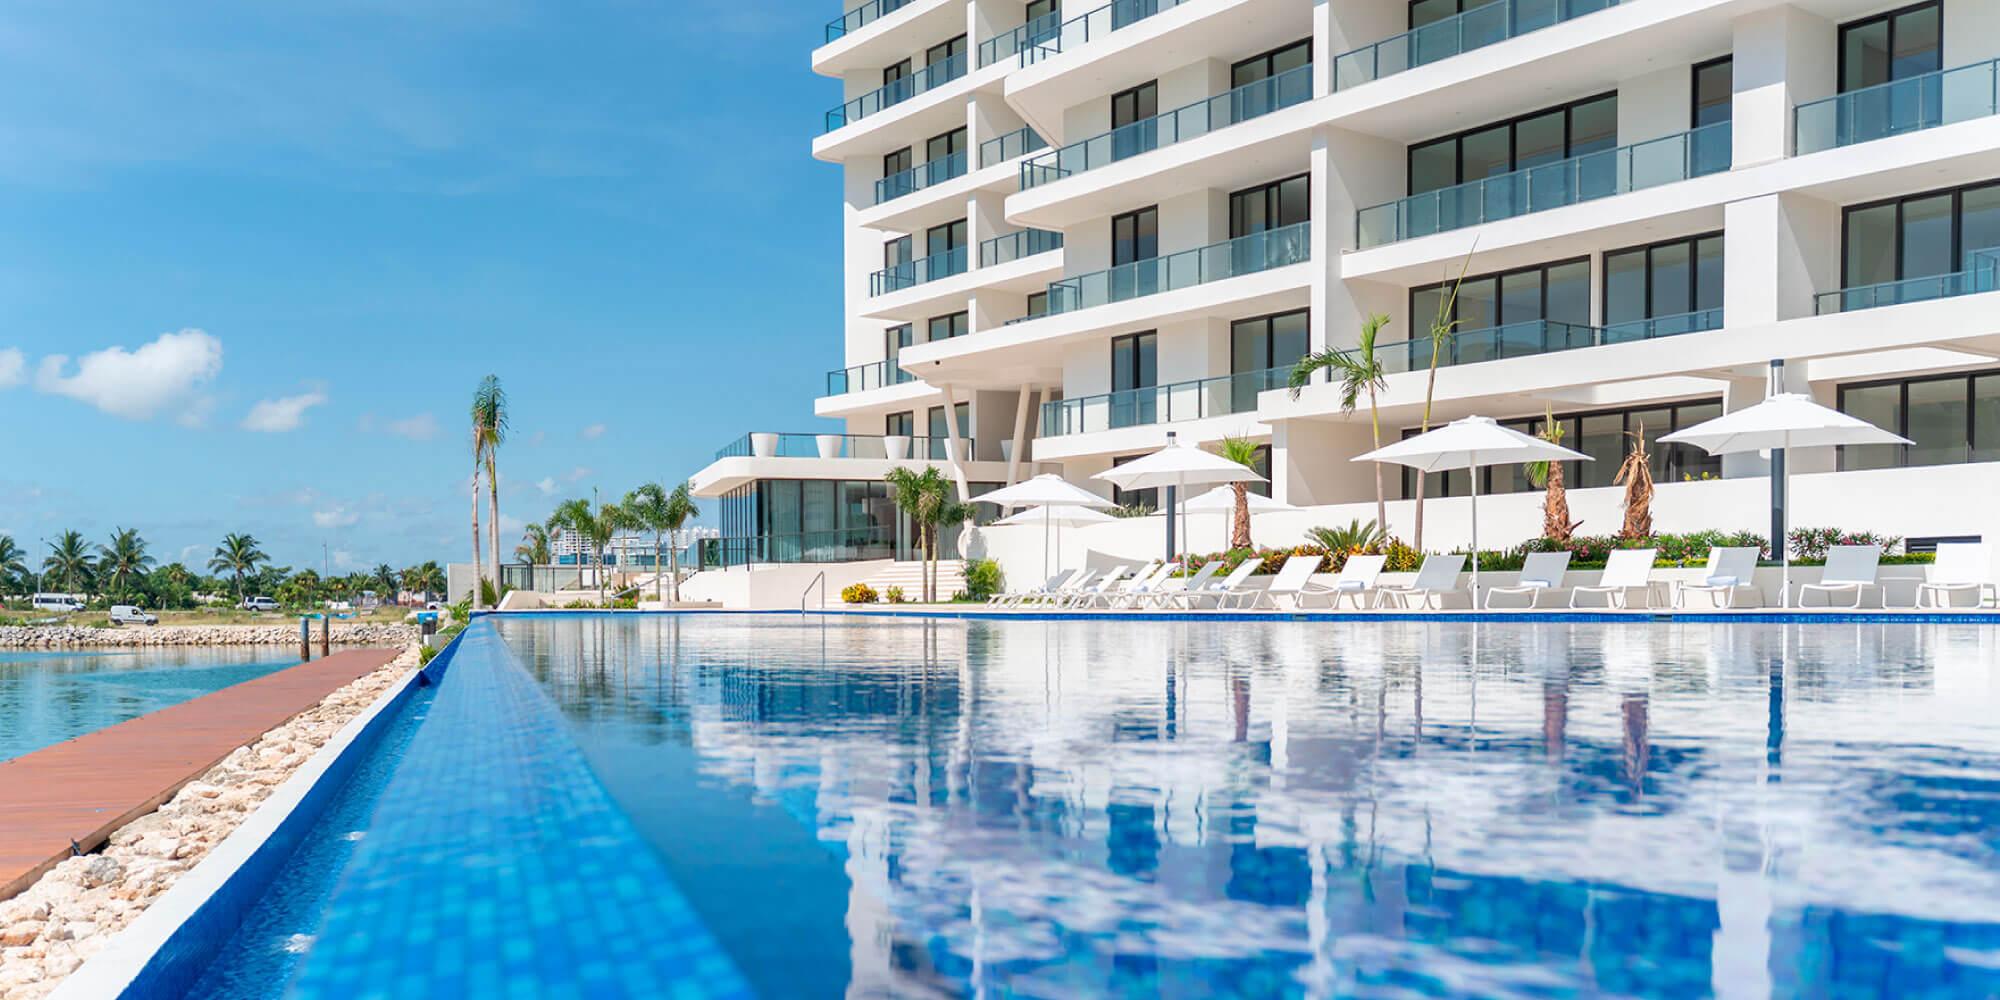 Departamentos en Puerto Cancún con vista al mar